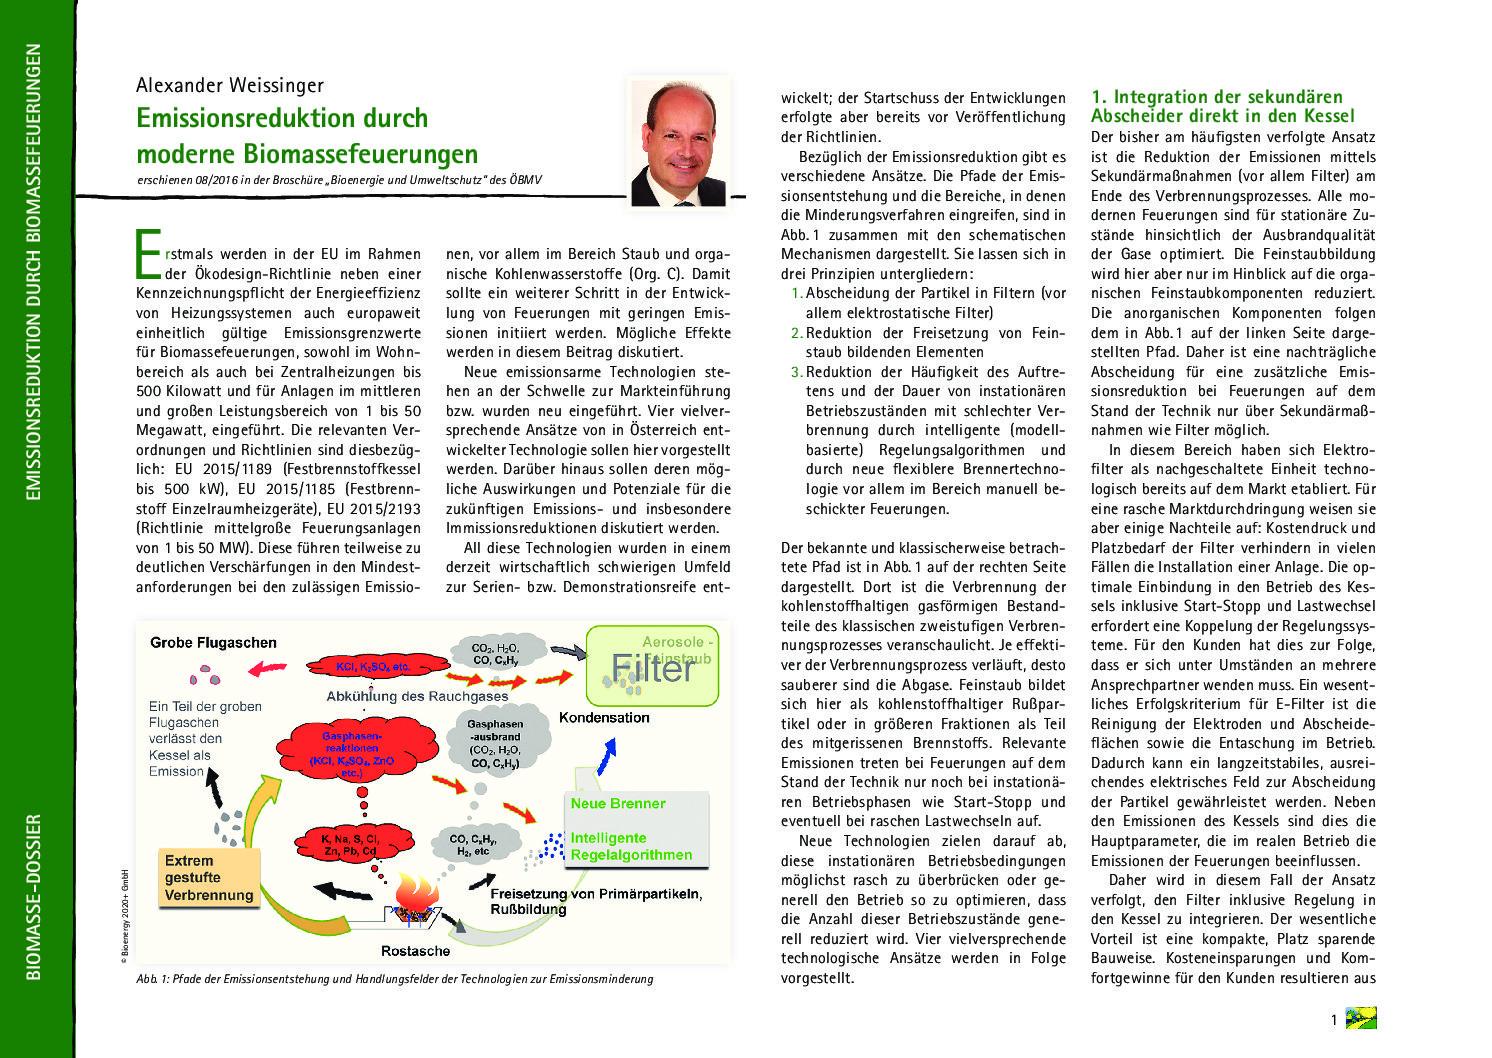 Emissionsreduktion durch moderne Biomassefeuerungen